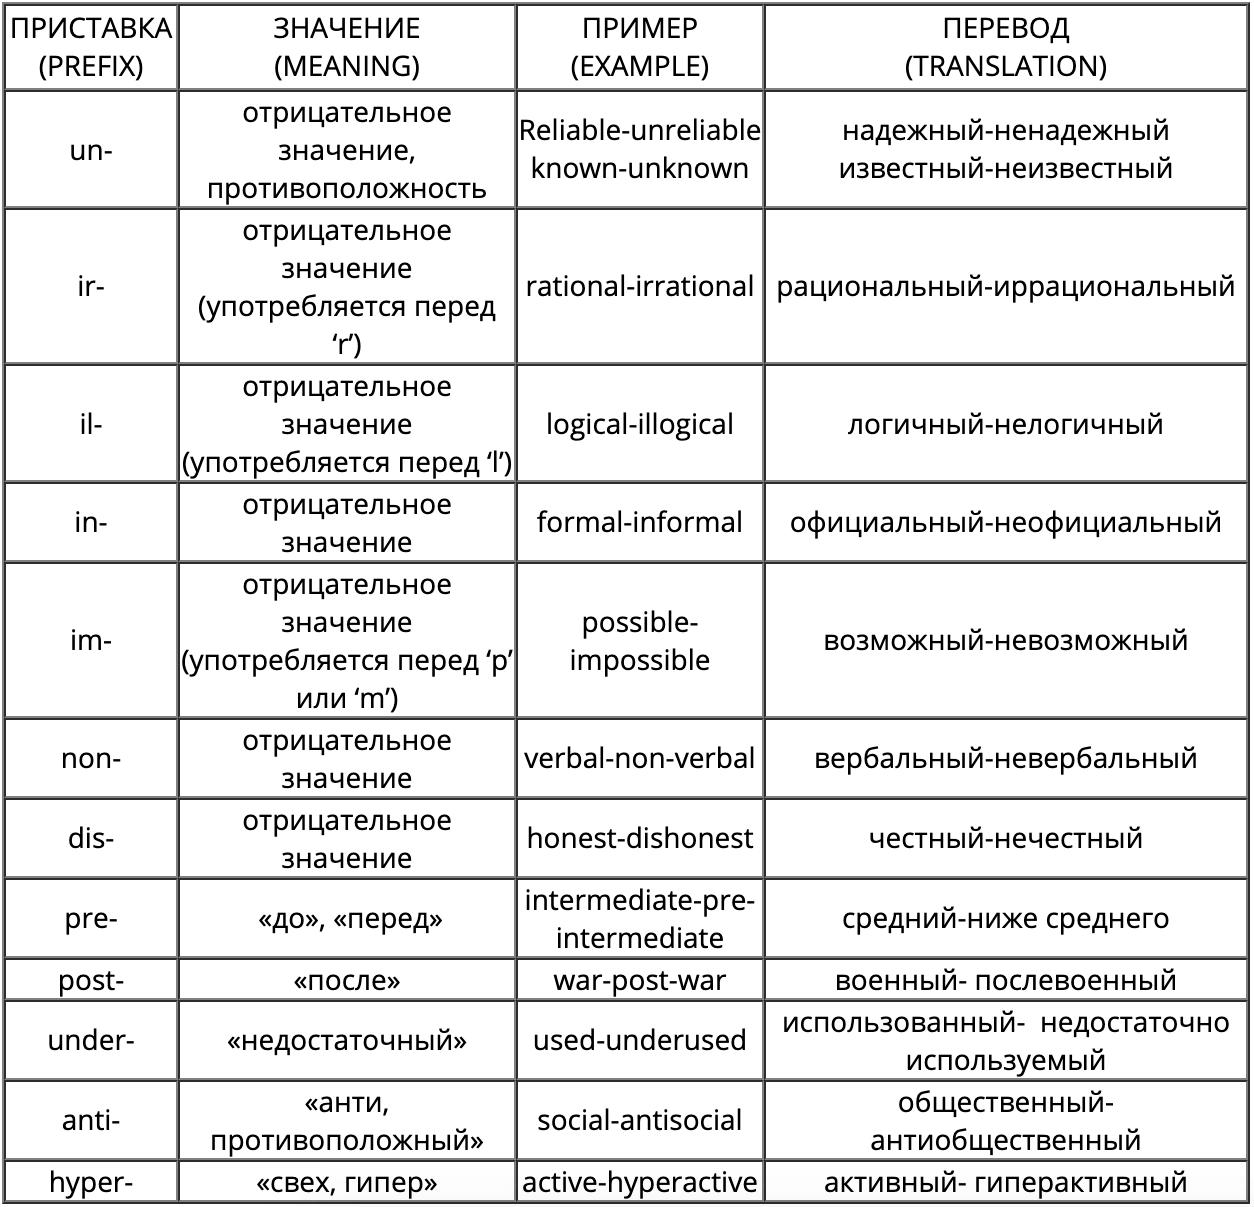 Префиксы прилагательных в английском языке.